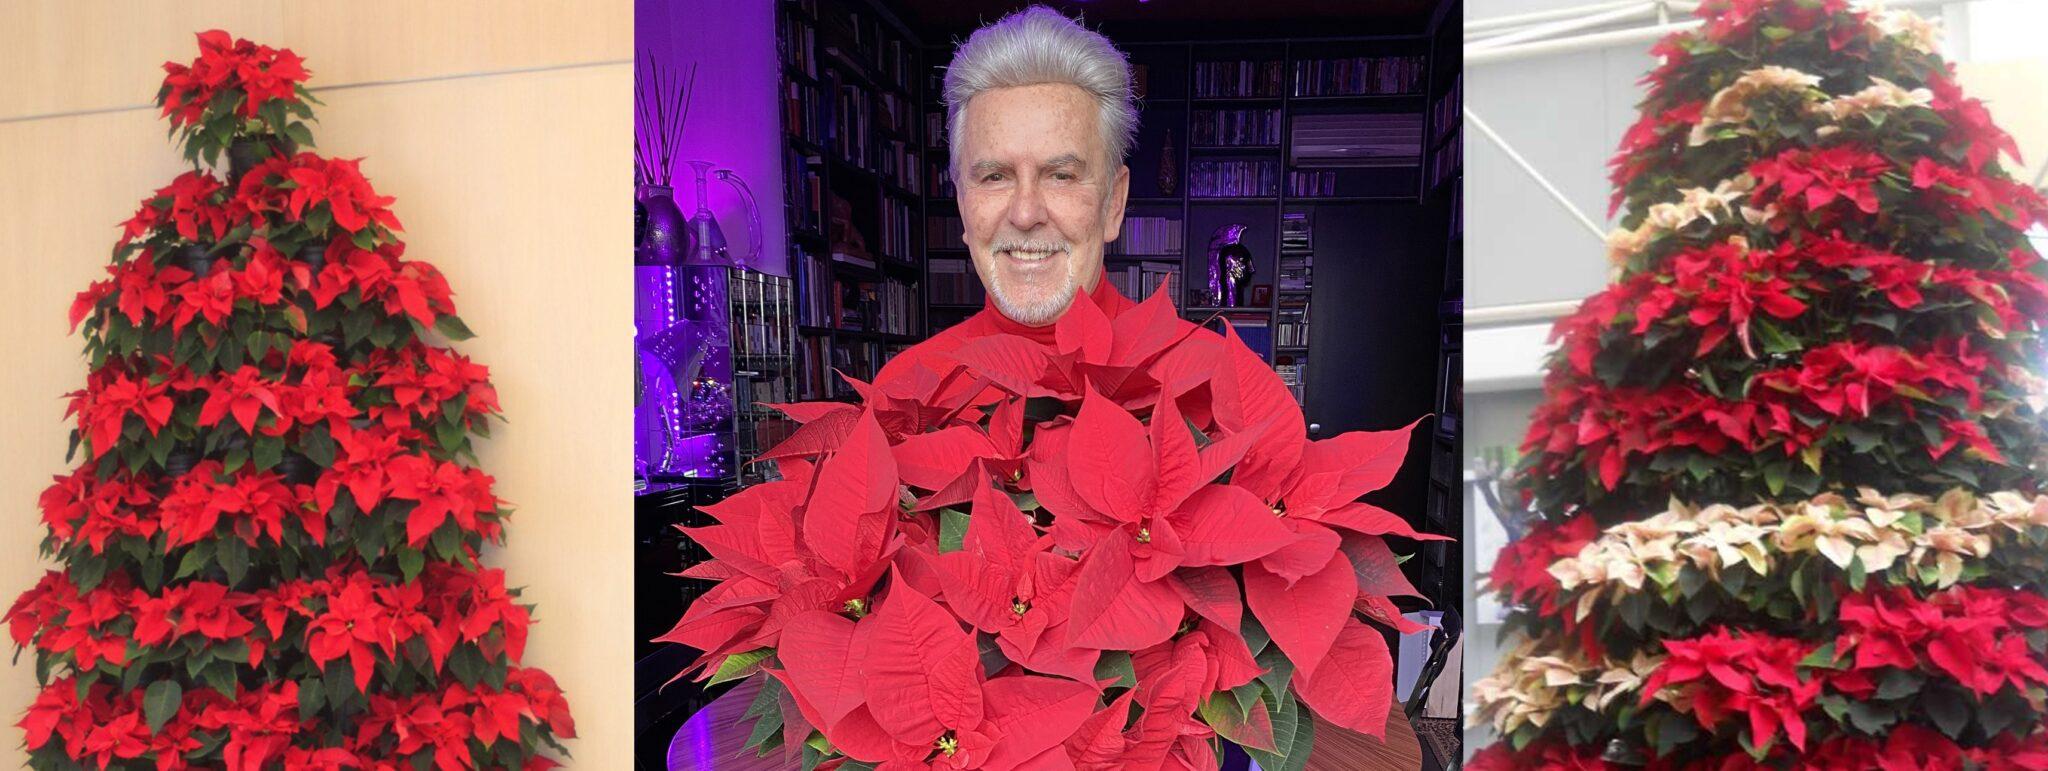 Alviero Martini- I fiori di Natale